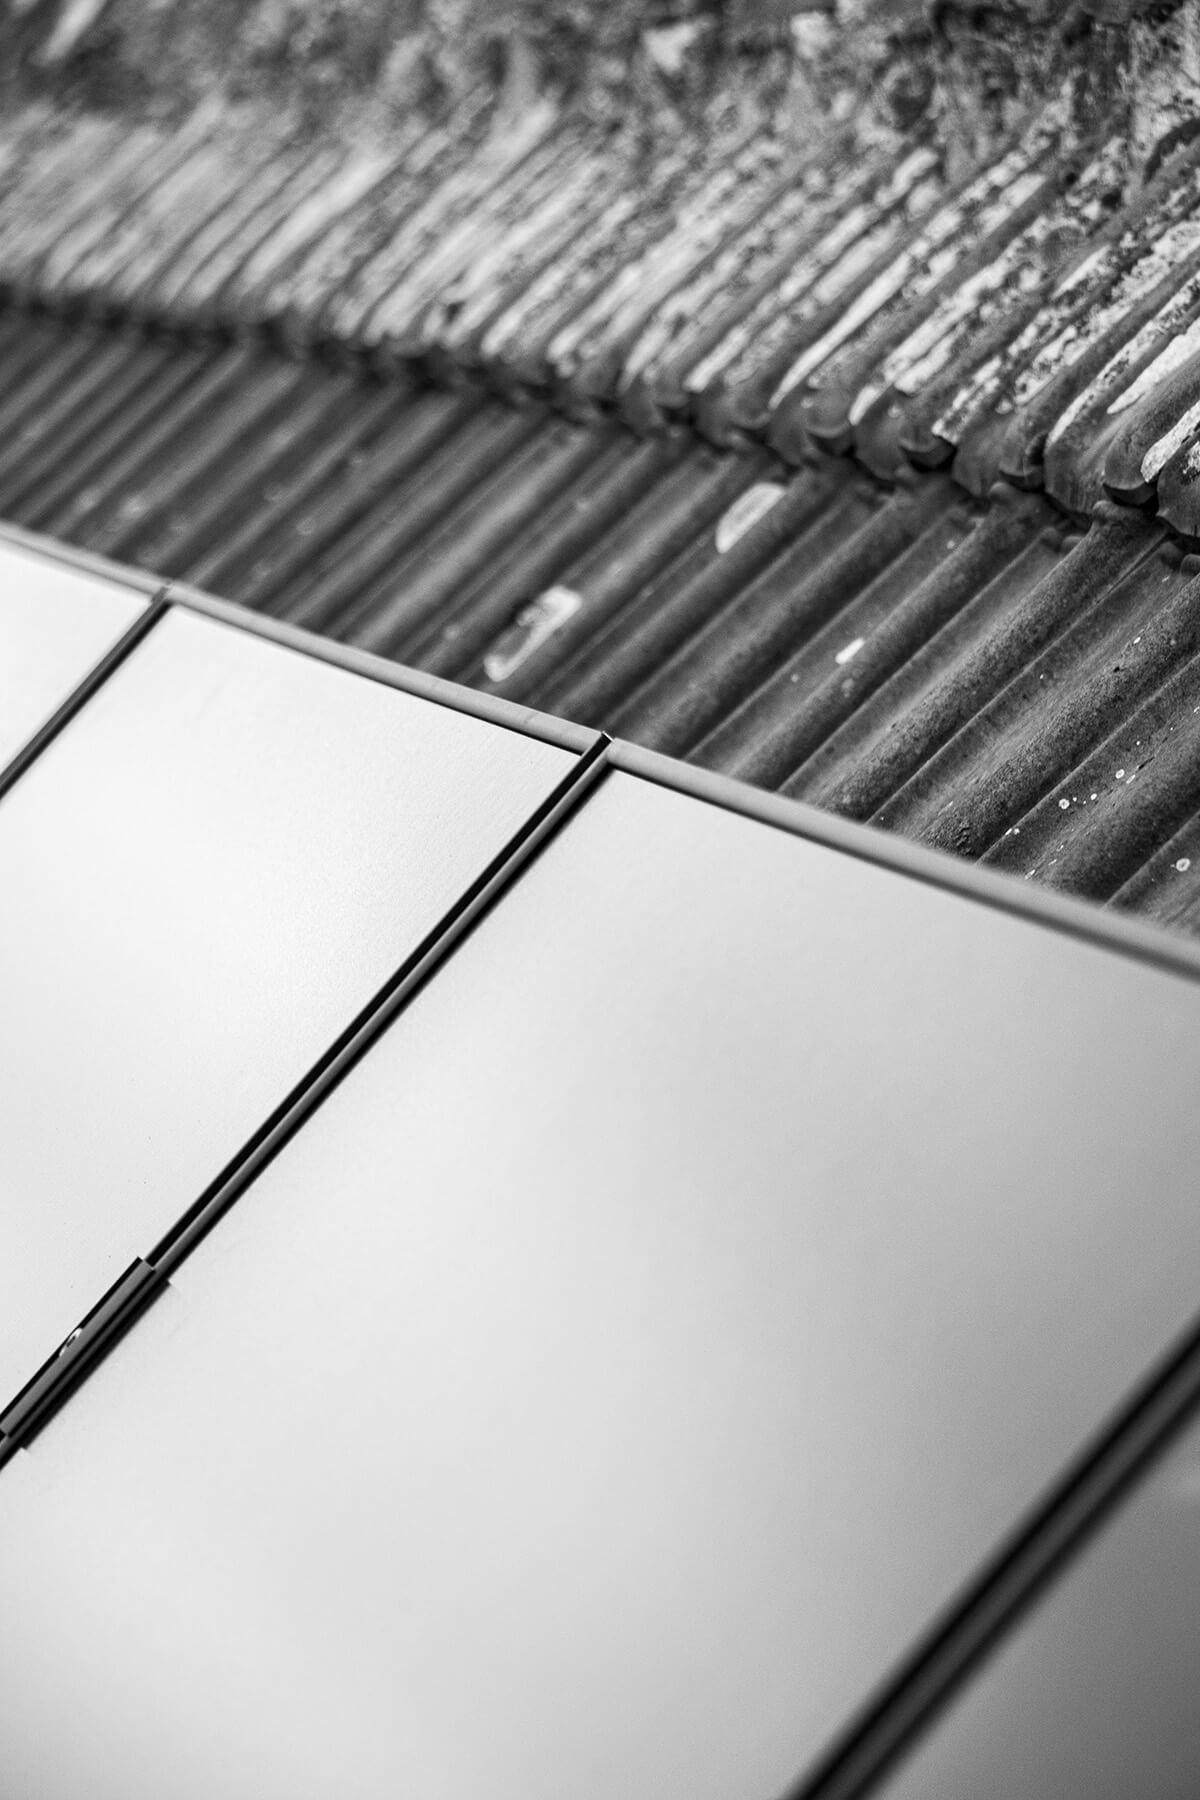 Prachtige close-up van enkele zonnepanelen in het zwart wit.